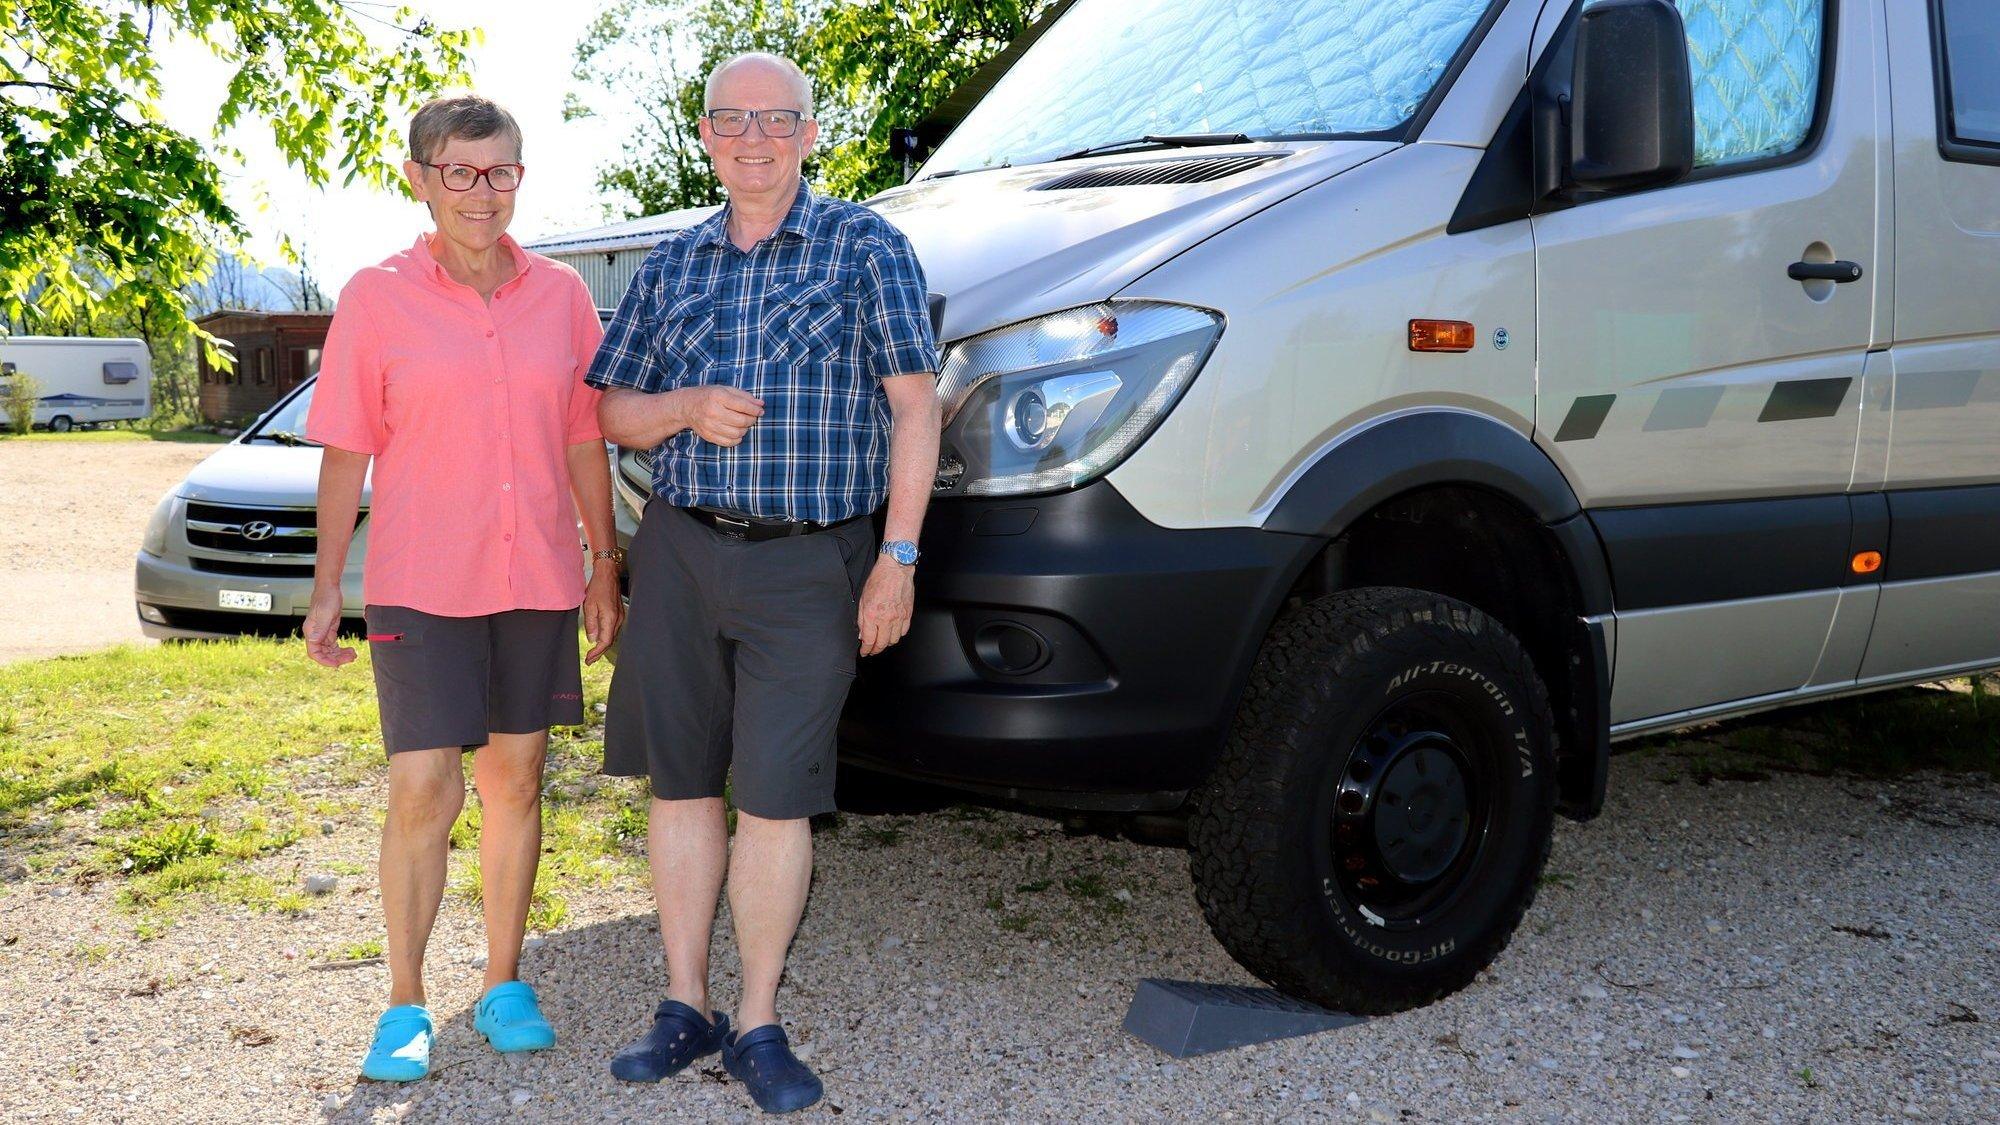 Monika et Andreas, de Lucerne, sont des habitués du camping des Brenets.